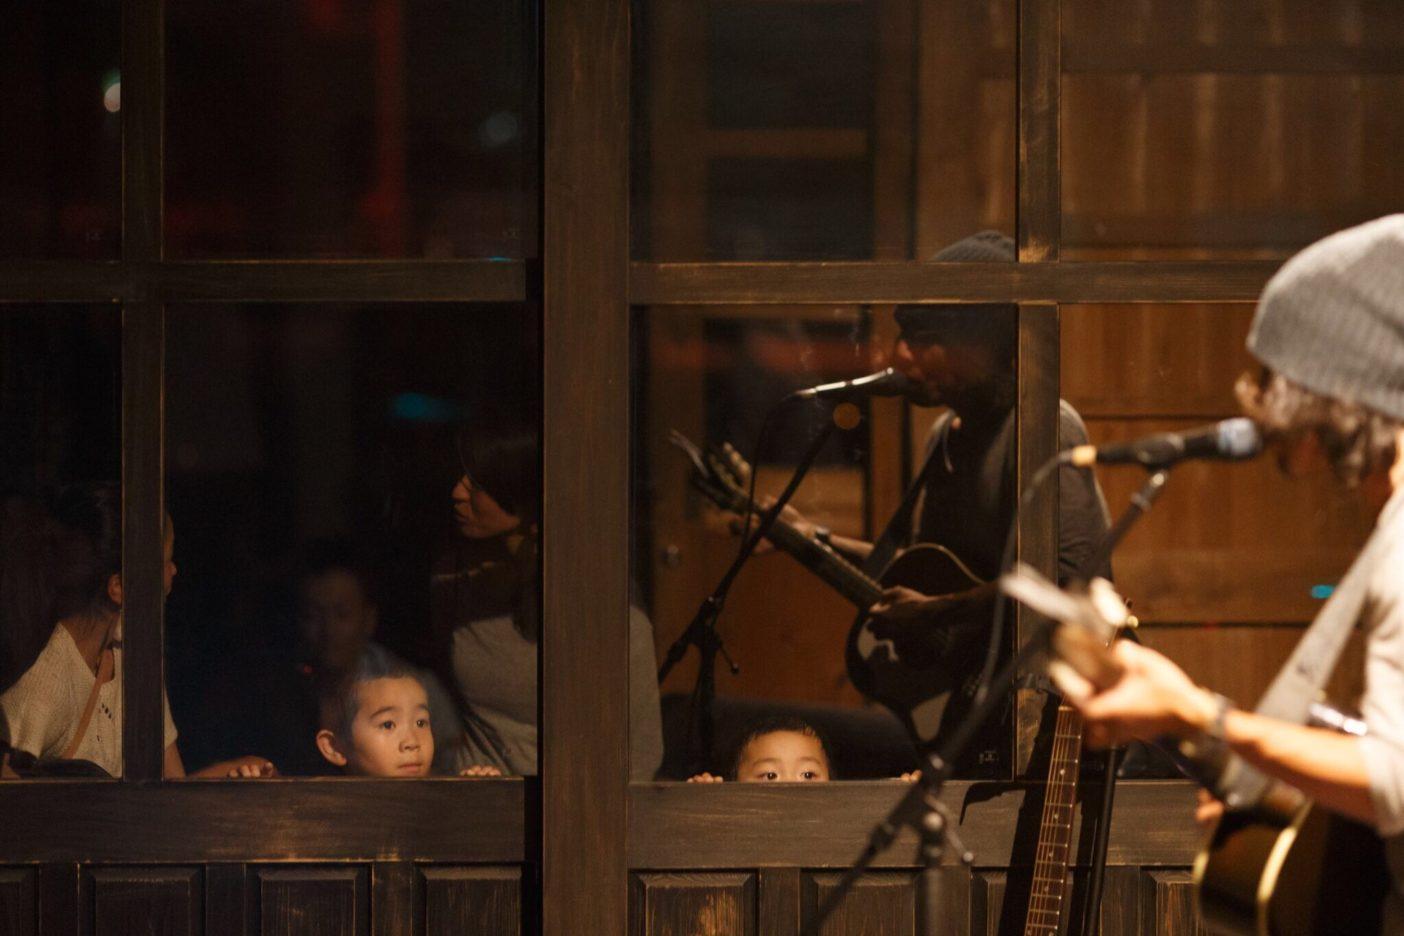 6月に長崎県内8か所で開催されたパタゴニア 福岡との合同企画「東田トモヒロ Special mini Live & Take Action Theater 長崎ツアー」  Photo: junpei nakayama